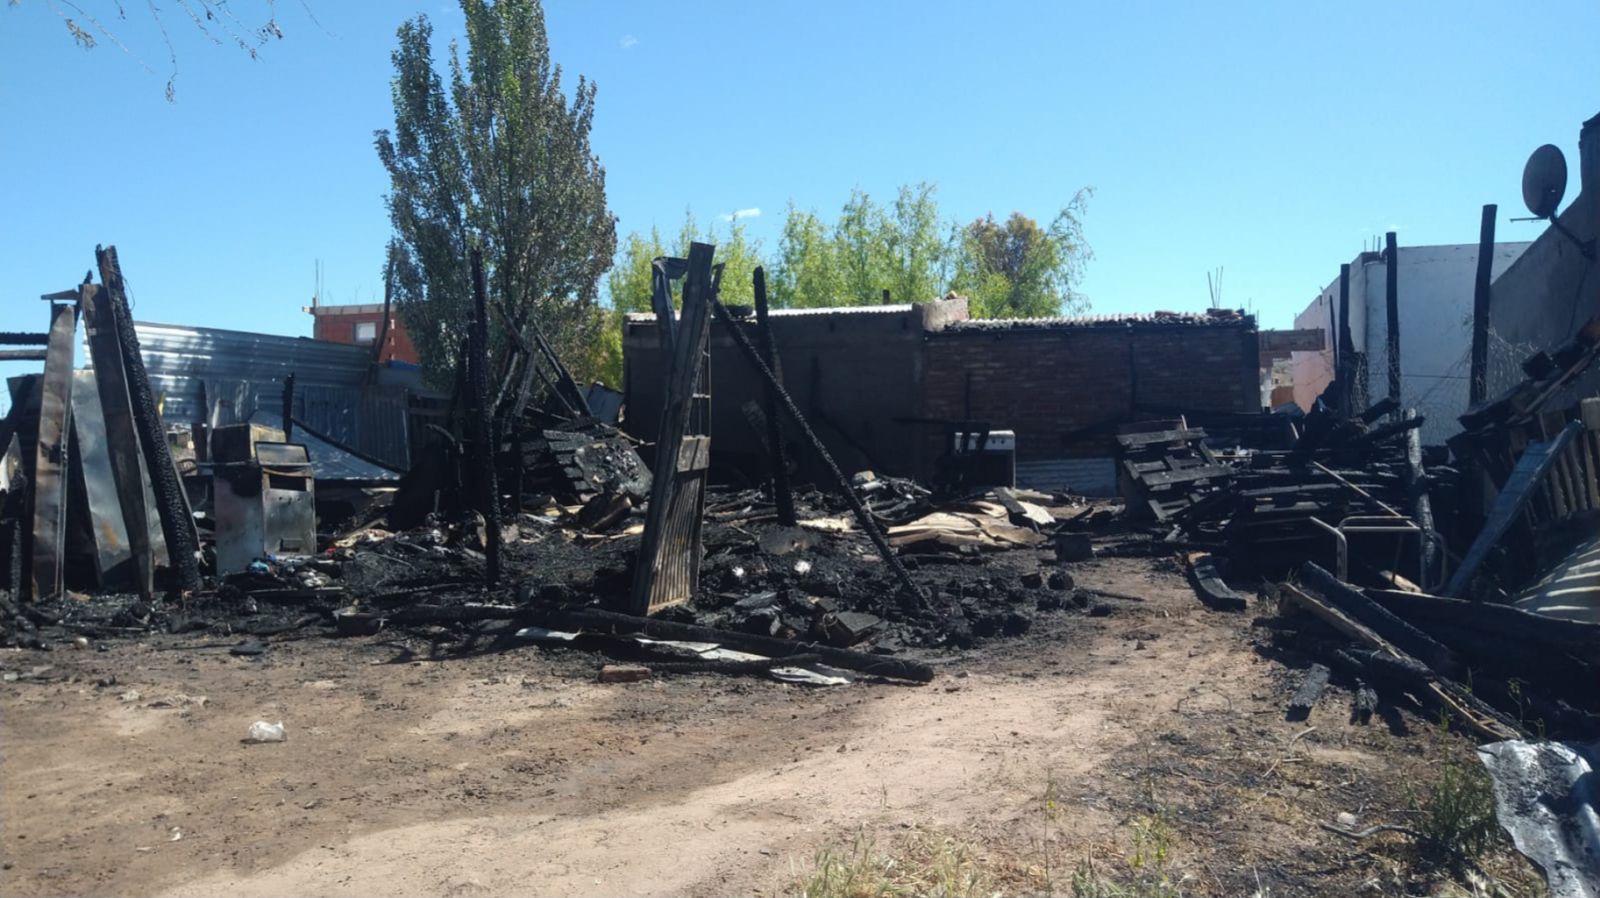 desesperado pedido: una familia perdio todo en un incendio